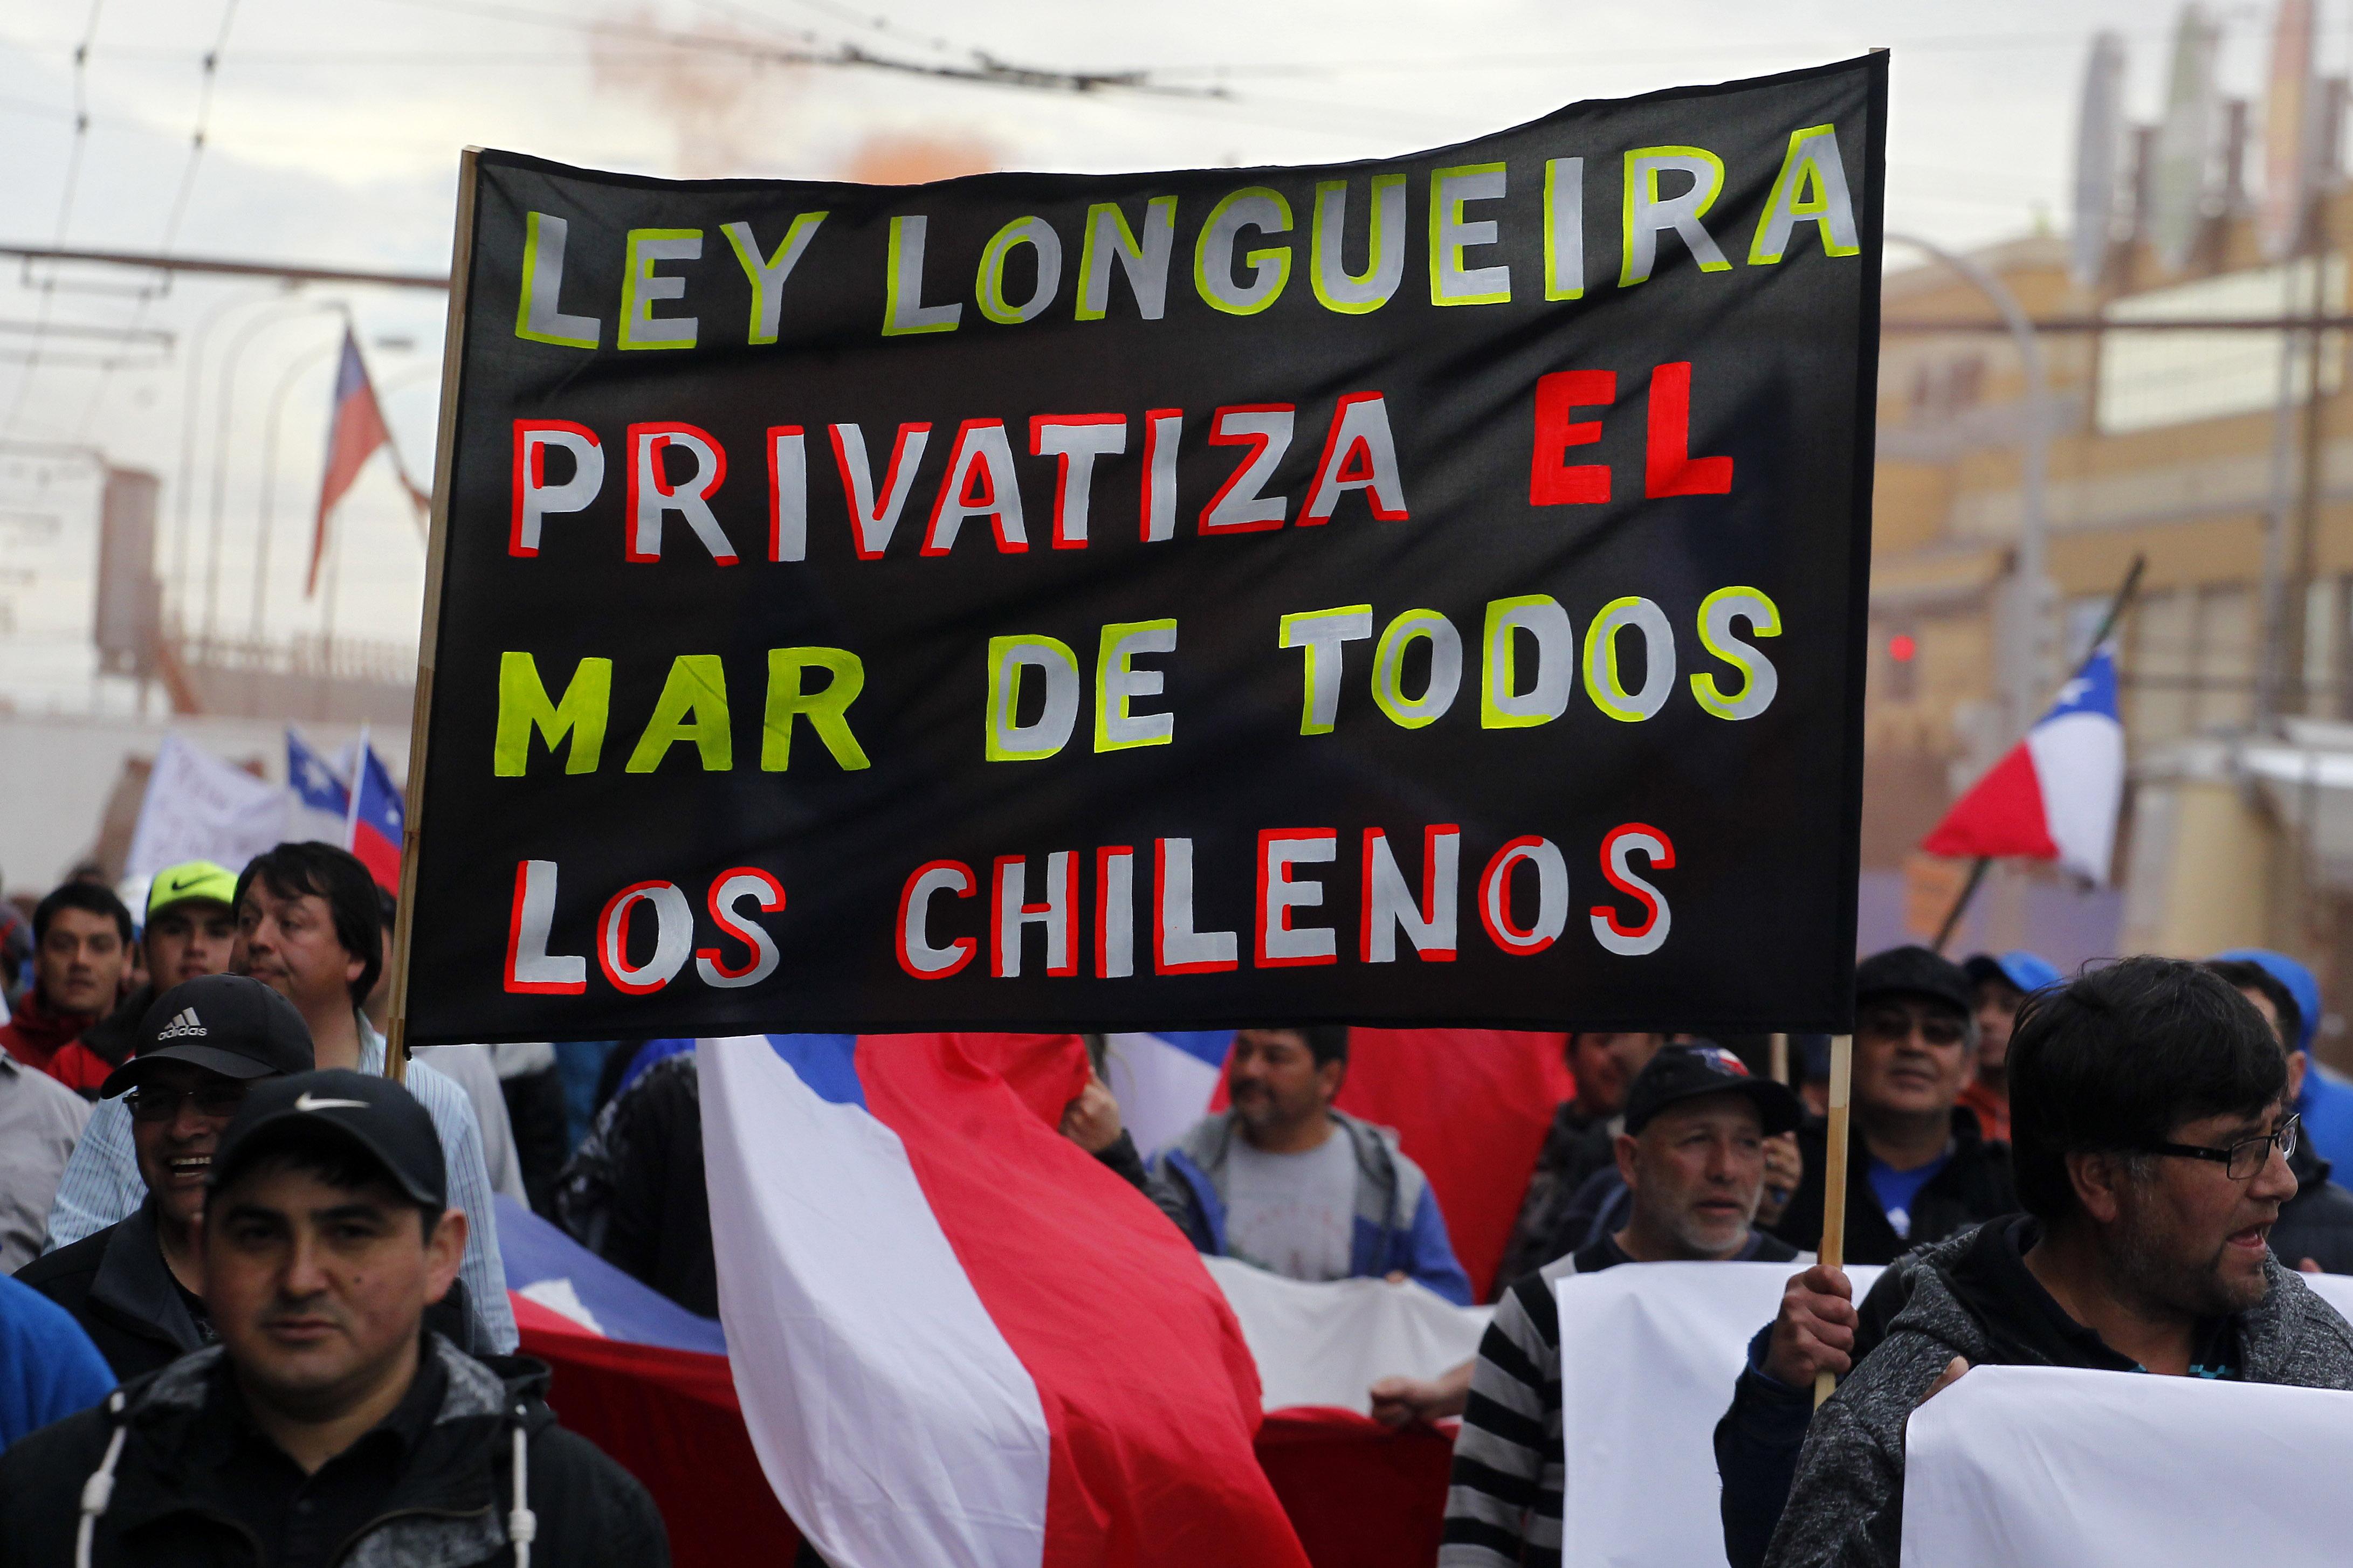 Foto Agencia Aton